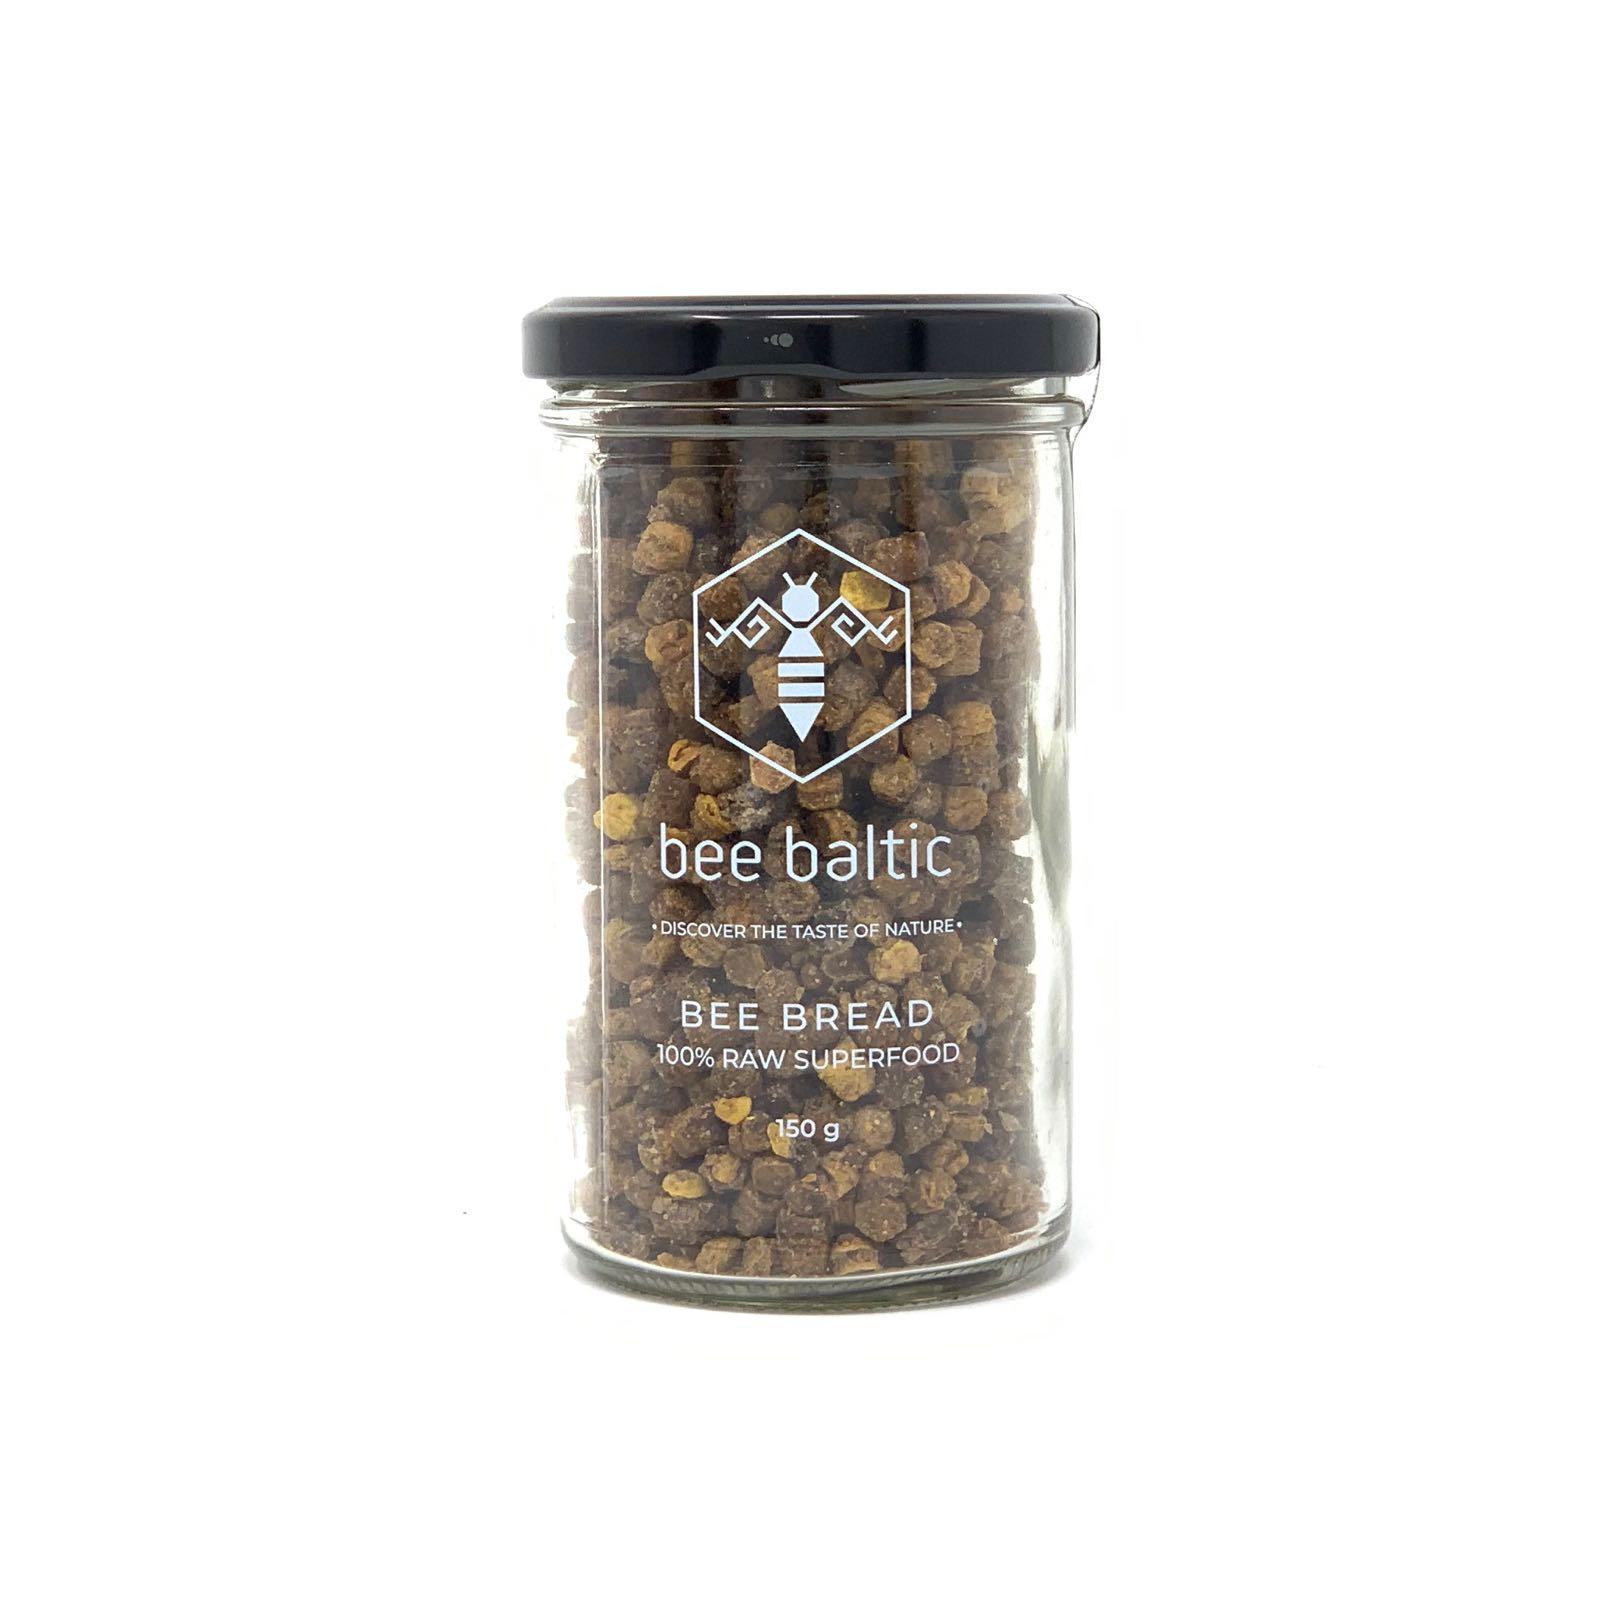 Bee Baltic - Bee Bread